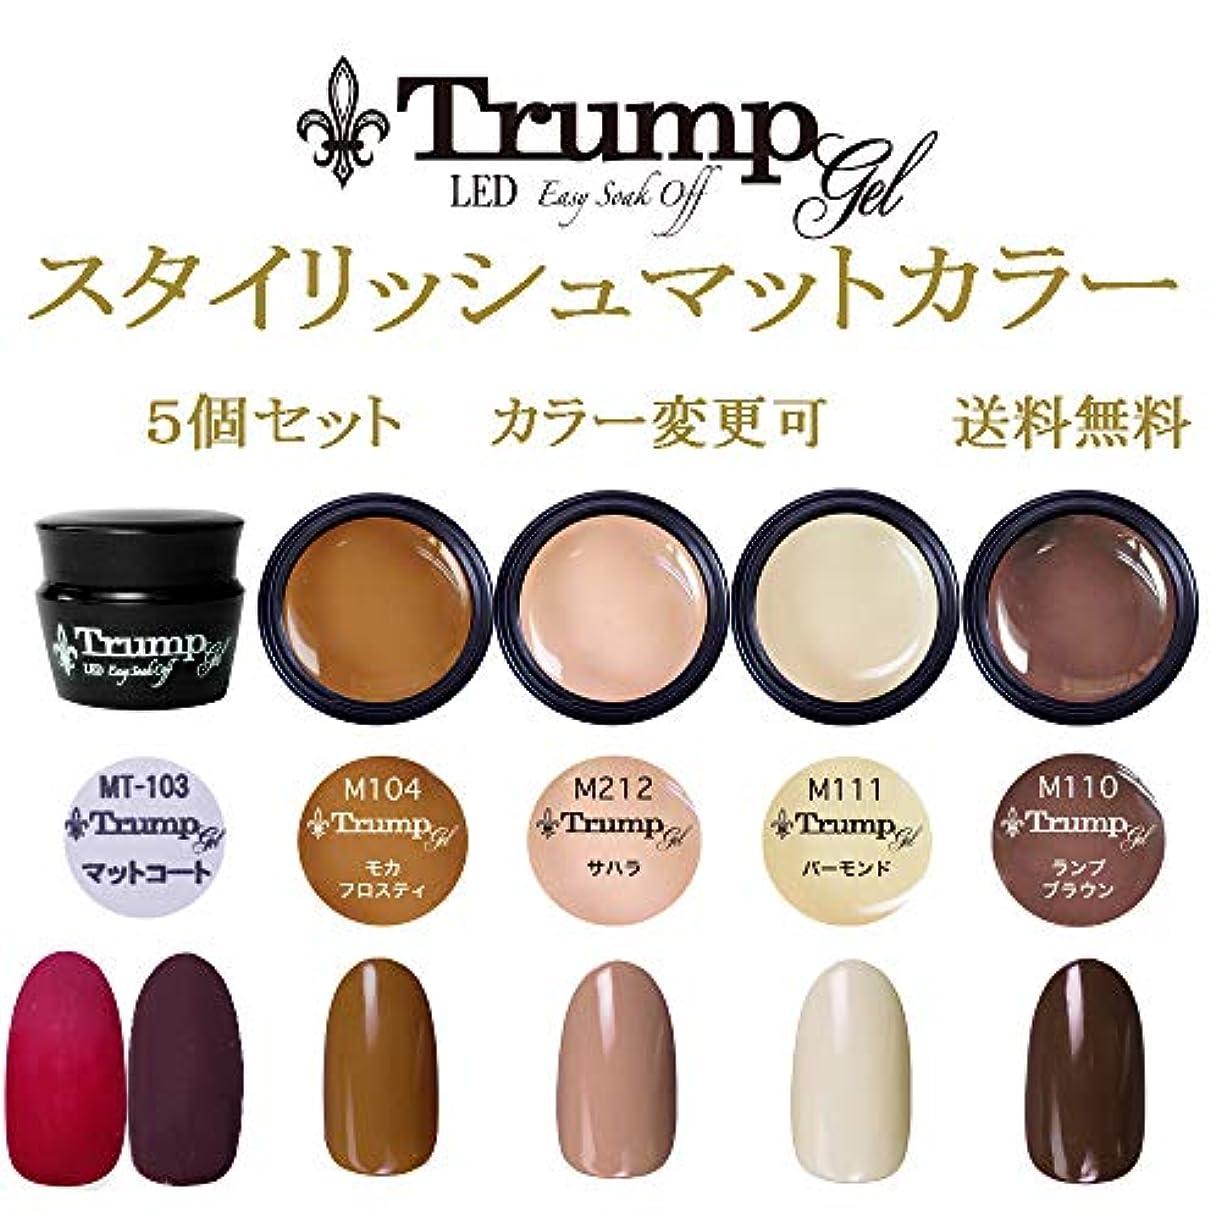 寂しい息苦しい狂信者【送料無料】日本製 Trump gel トランプジェル スタイリッシュマットカラージェル5個セット 5個セット マットカラー ベージュ ブラウン マスタード カラー